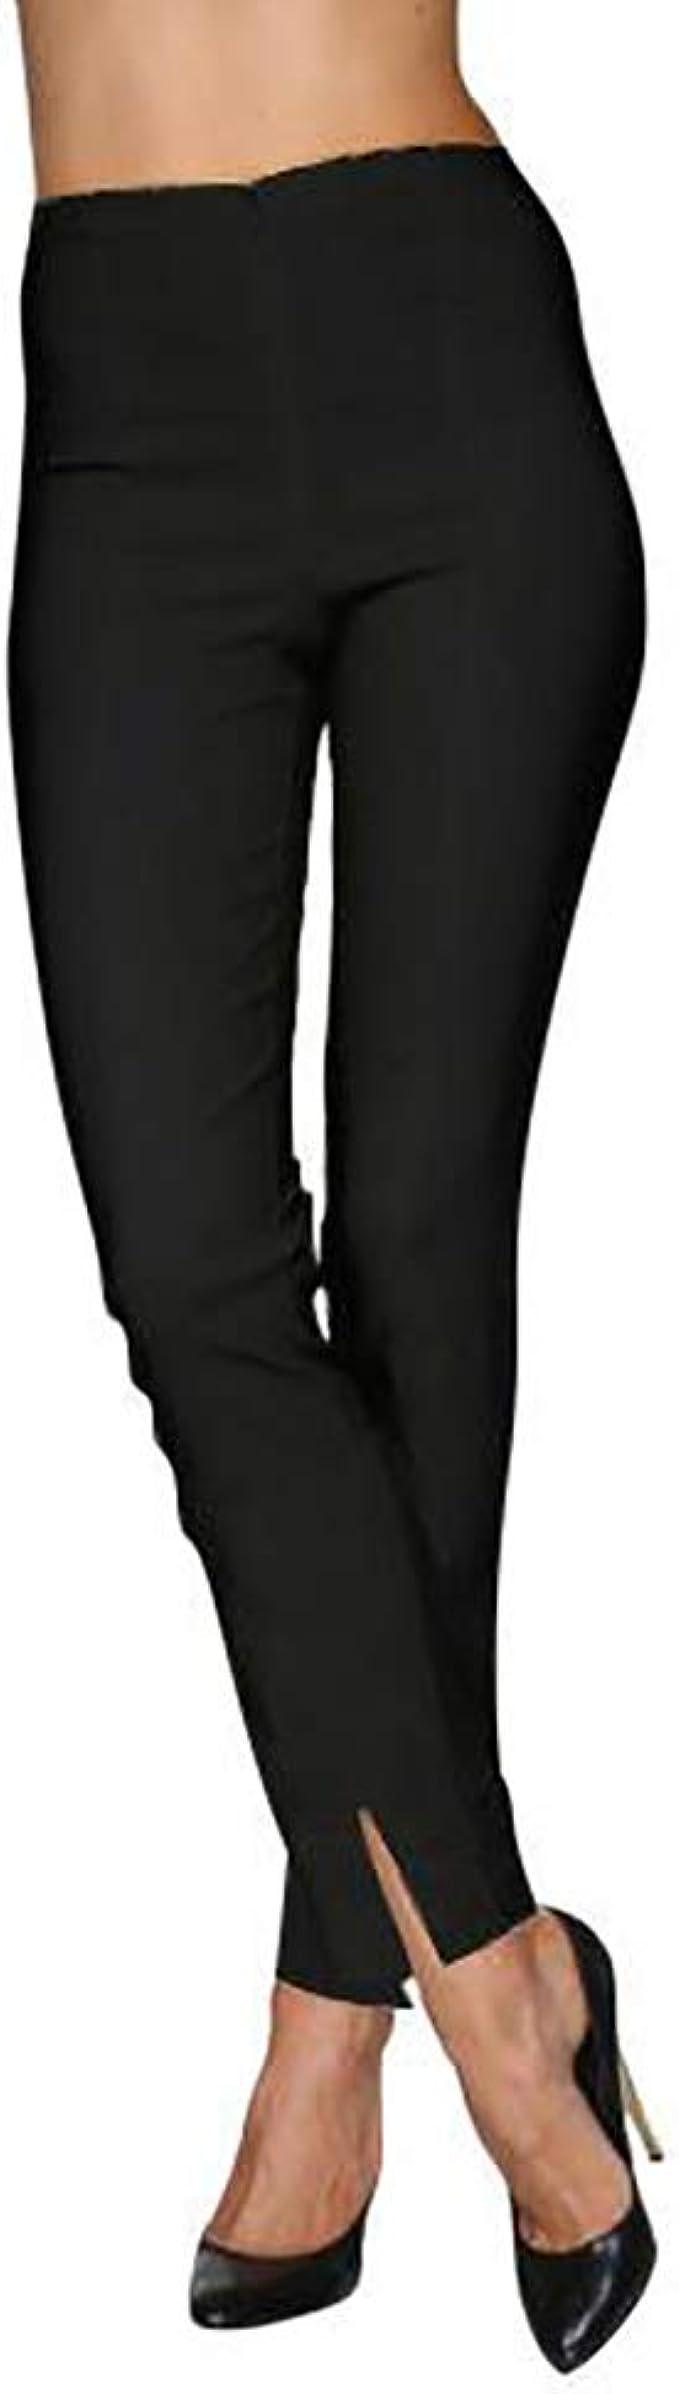 Amazon.com: Pantalones Mesmerize con aberturas frontales en ...